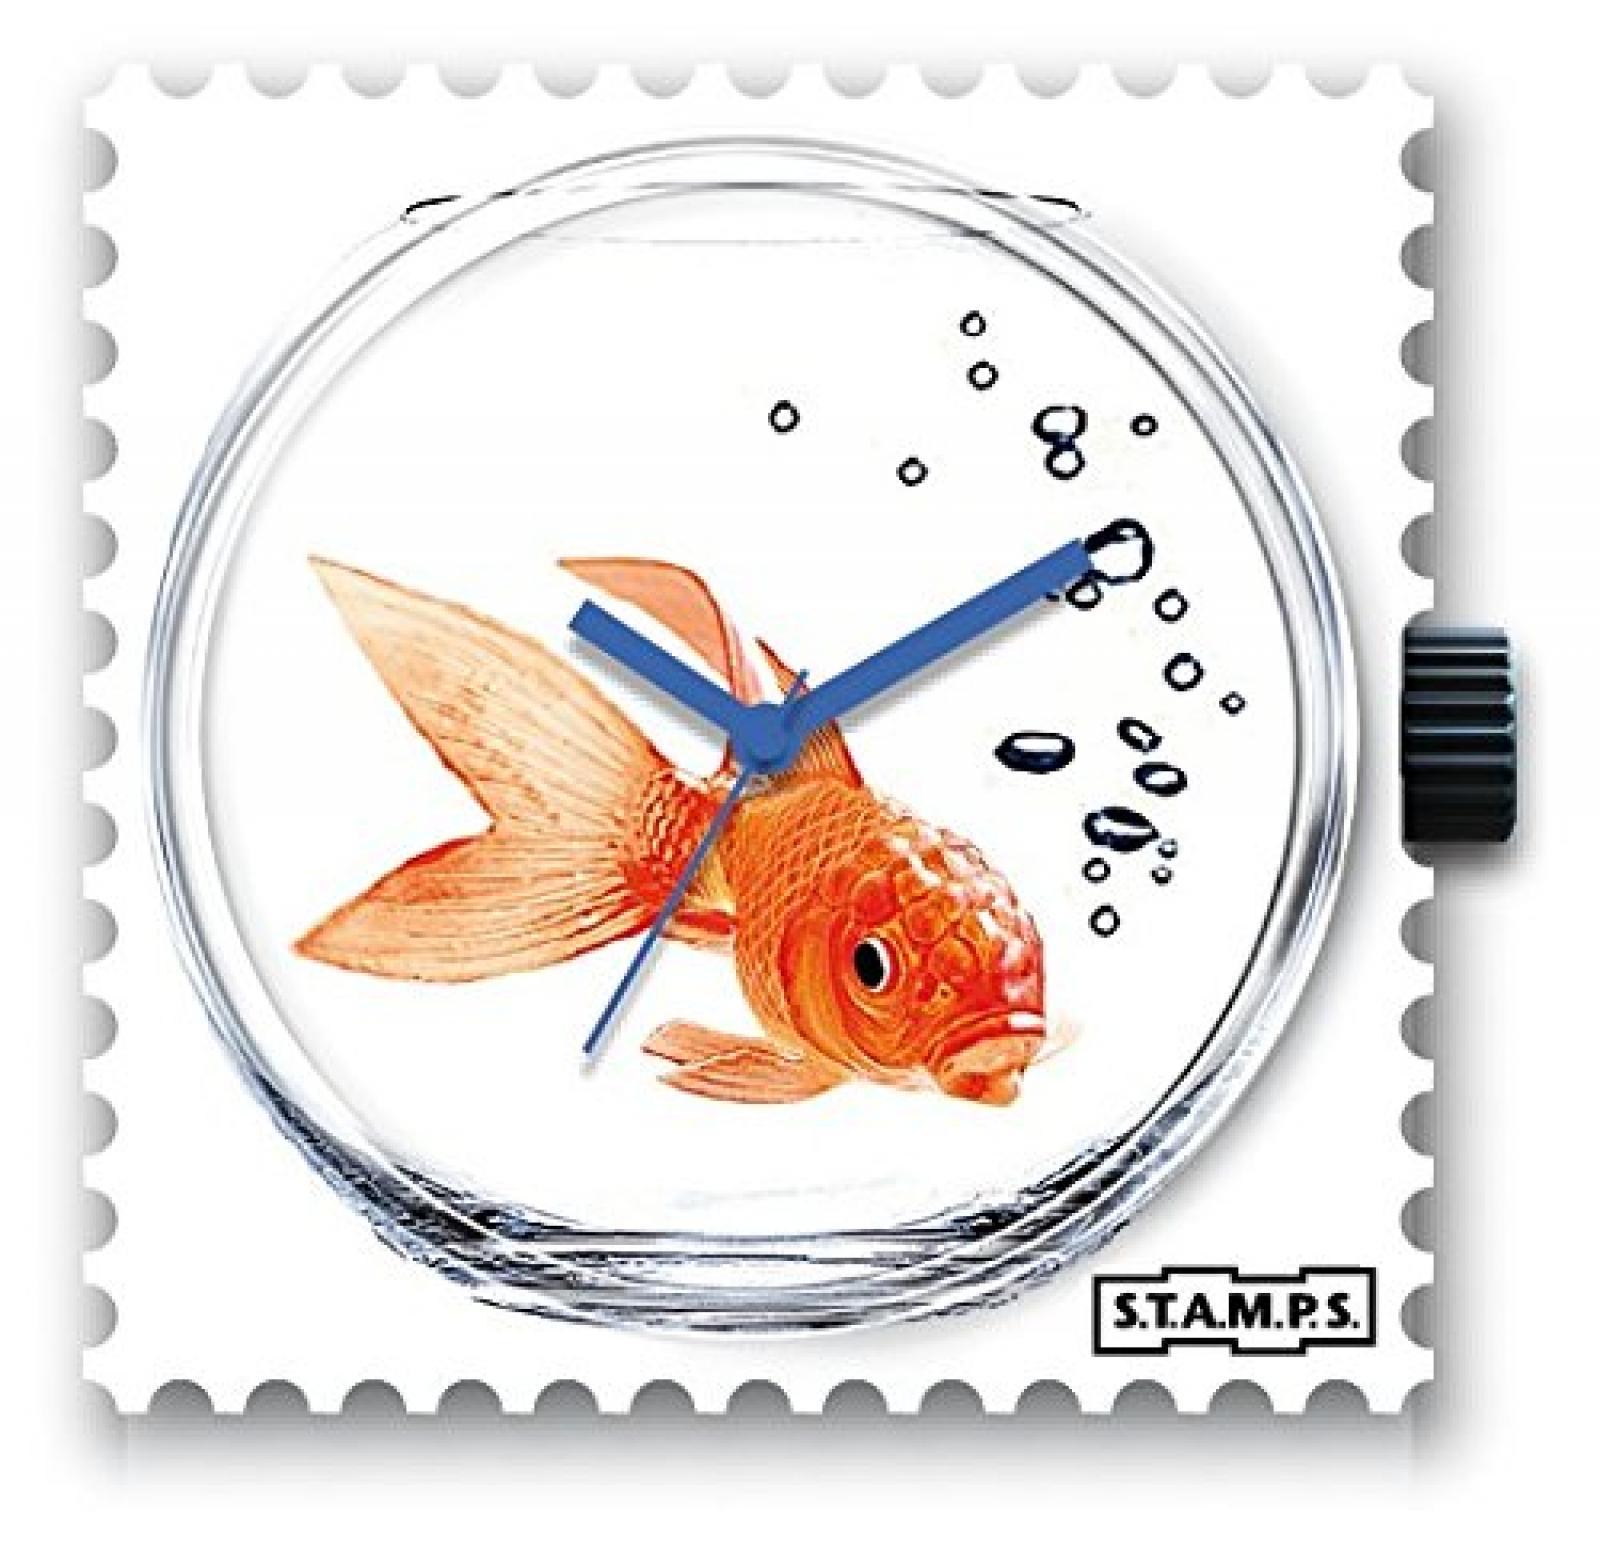 Uhr - Fish Bowl - S.T.A.M.P.S. Uhren